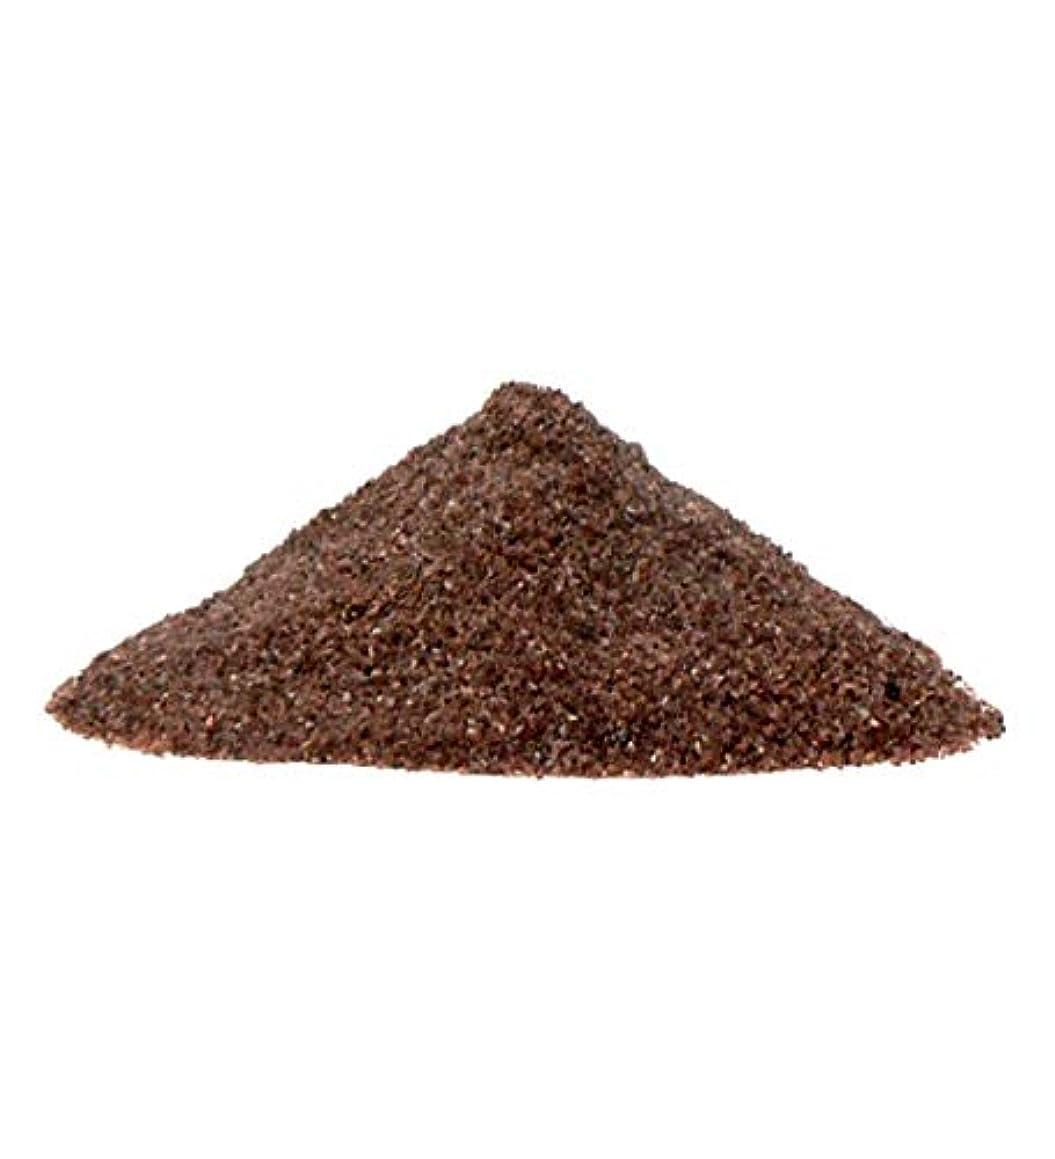 ガード光電から聞く増量中!ヒマラヤ岩塩 ブラックソルト 入浴用 バスソルト (微粒パウダー) 黒岩塩 (3kg+500g増量)